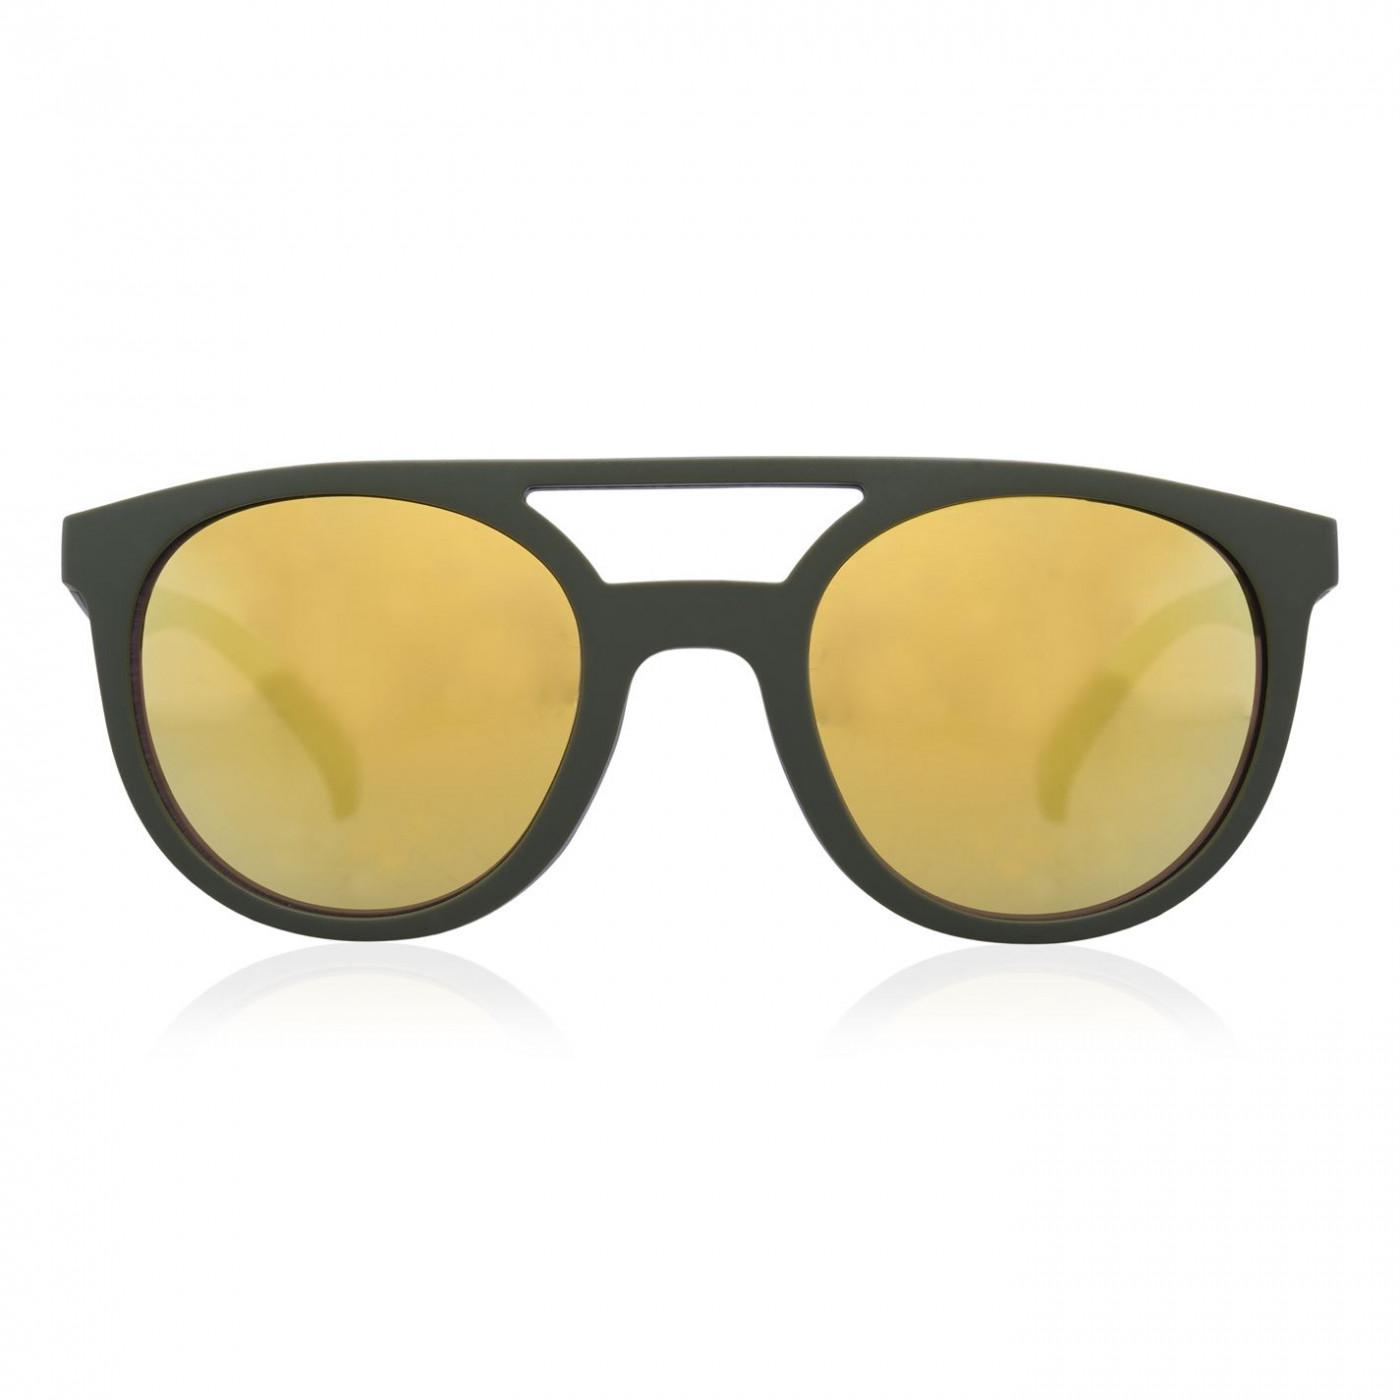 adidas Originals Original 030 Round Sunglasses Ladies